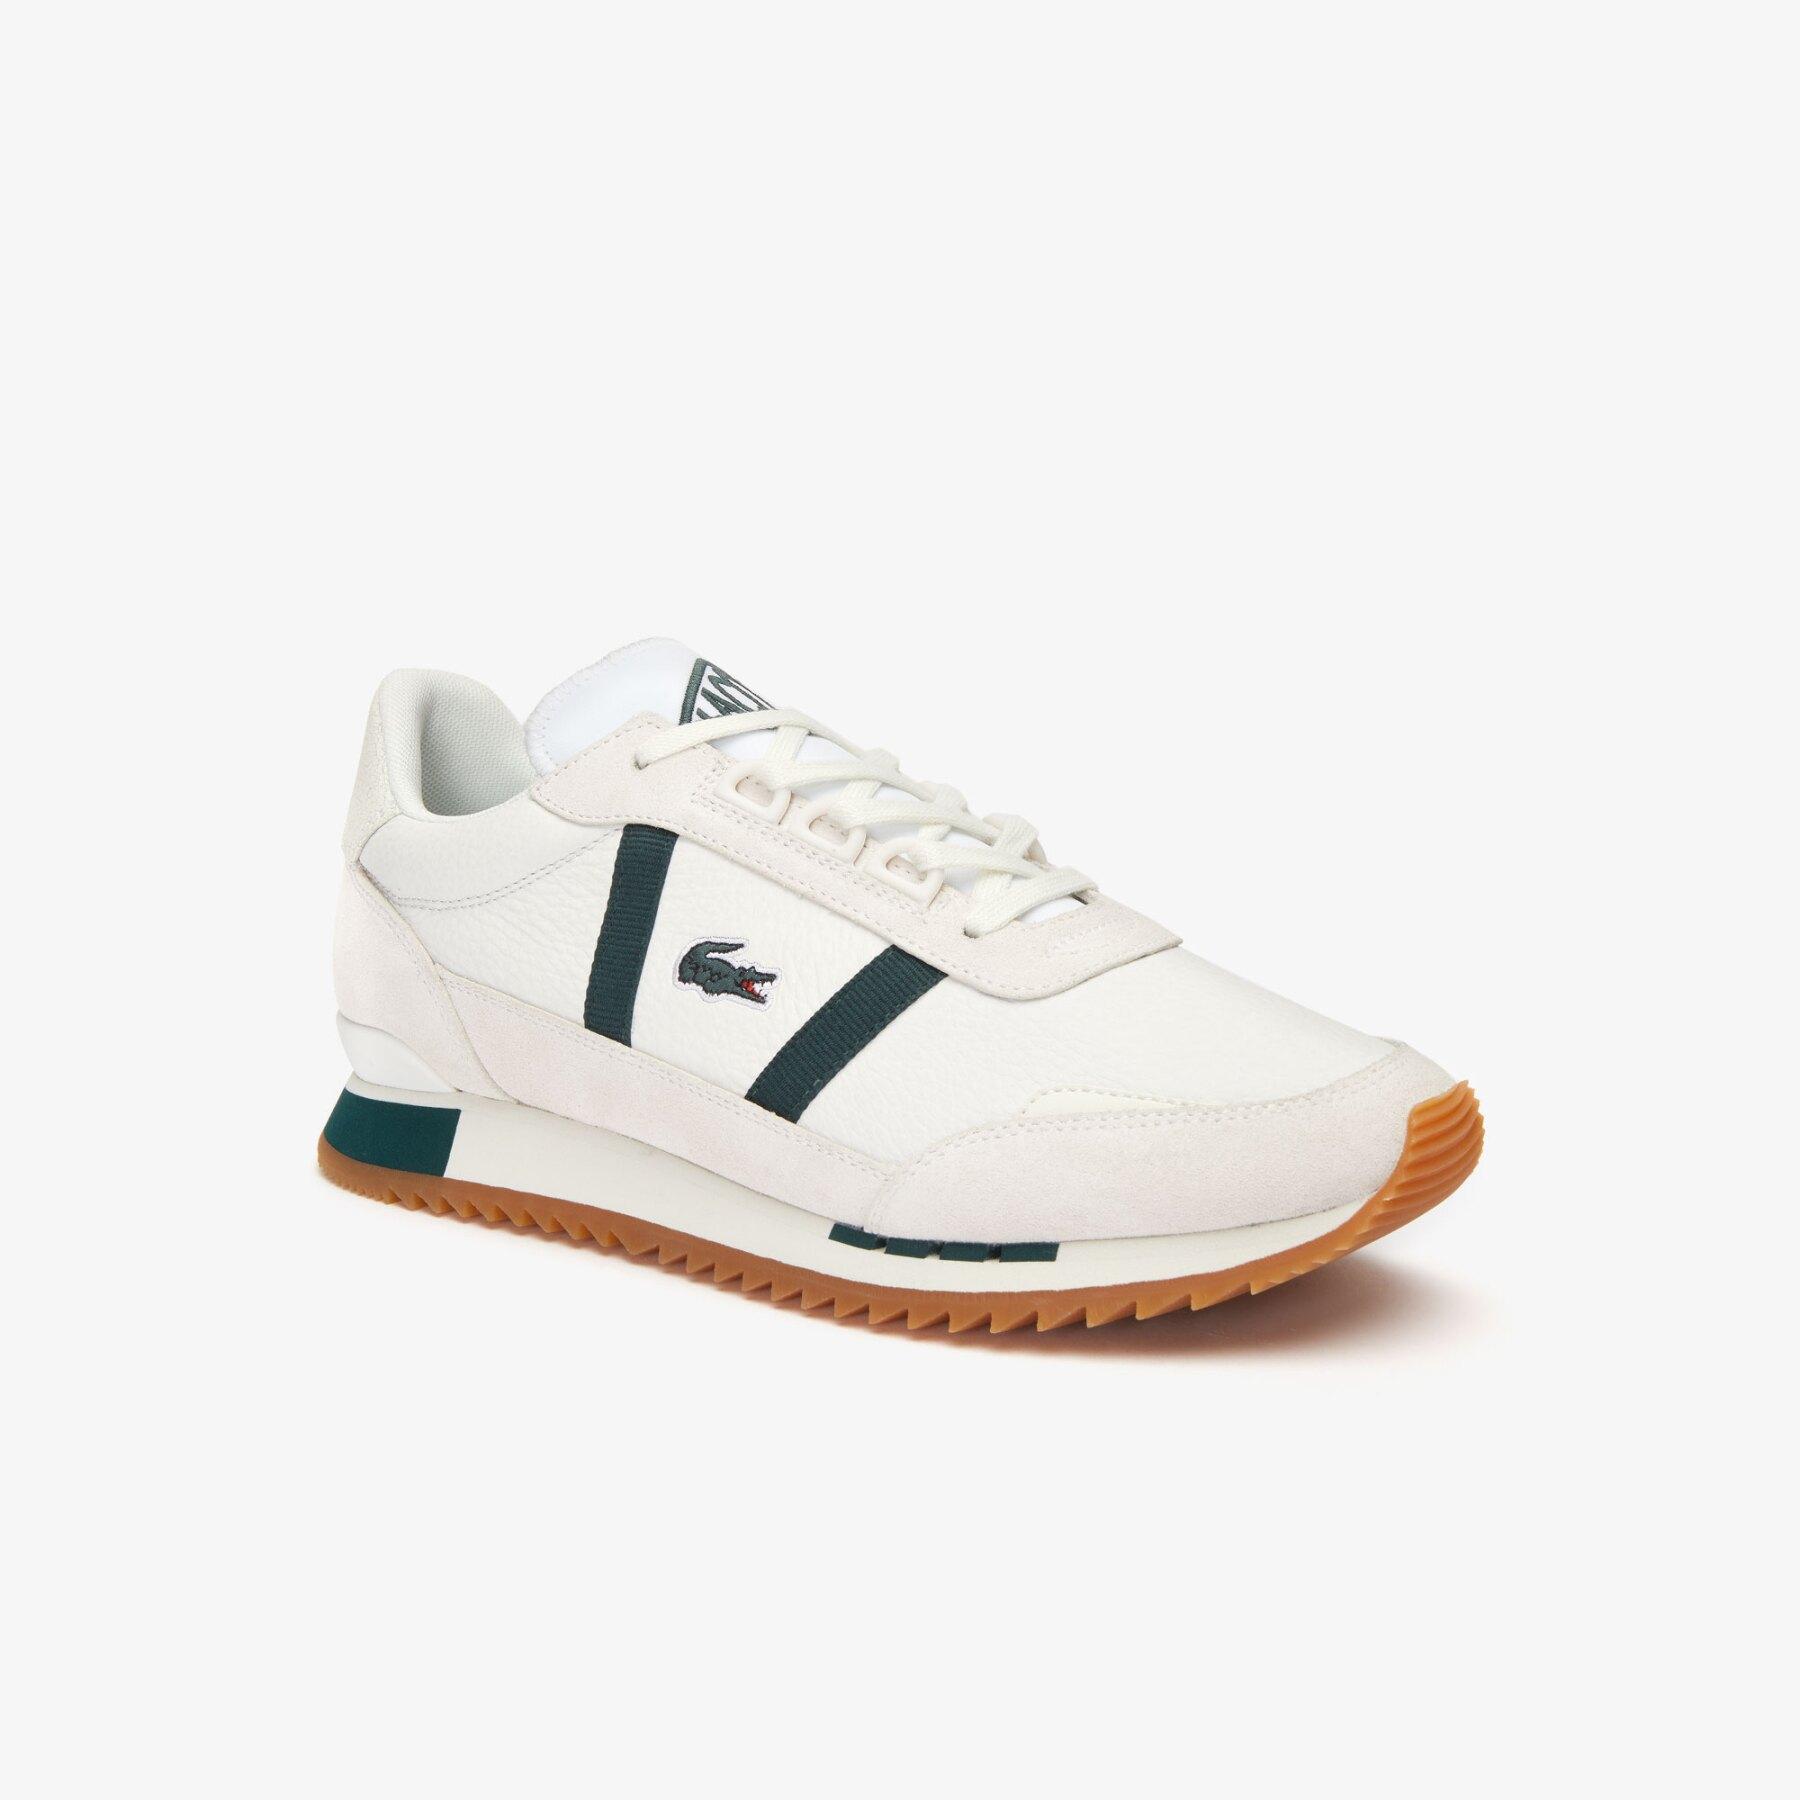 7 Sneakers Partner.jpg